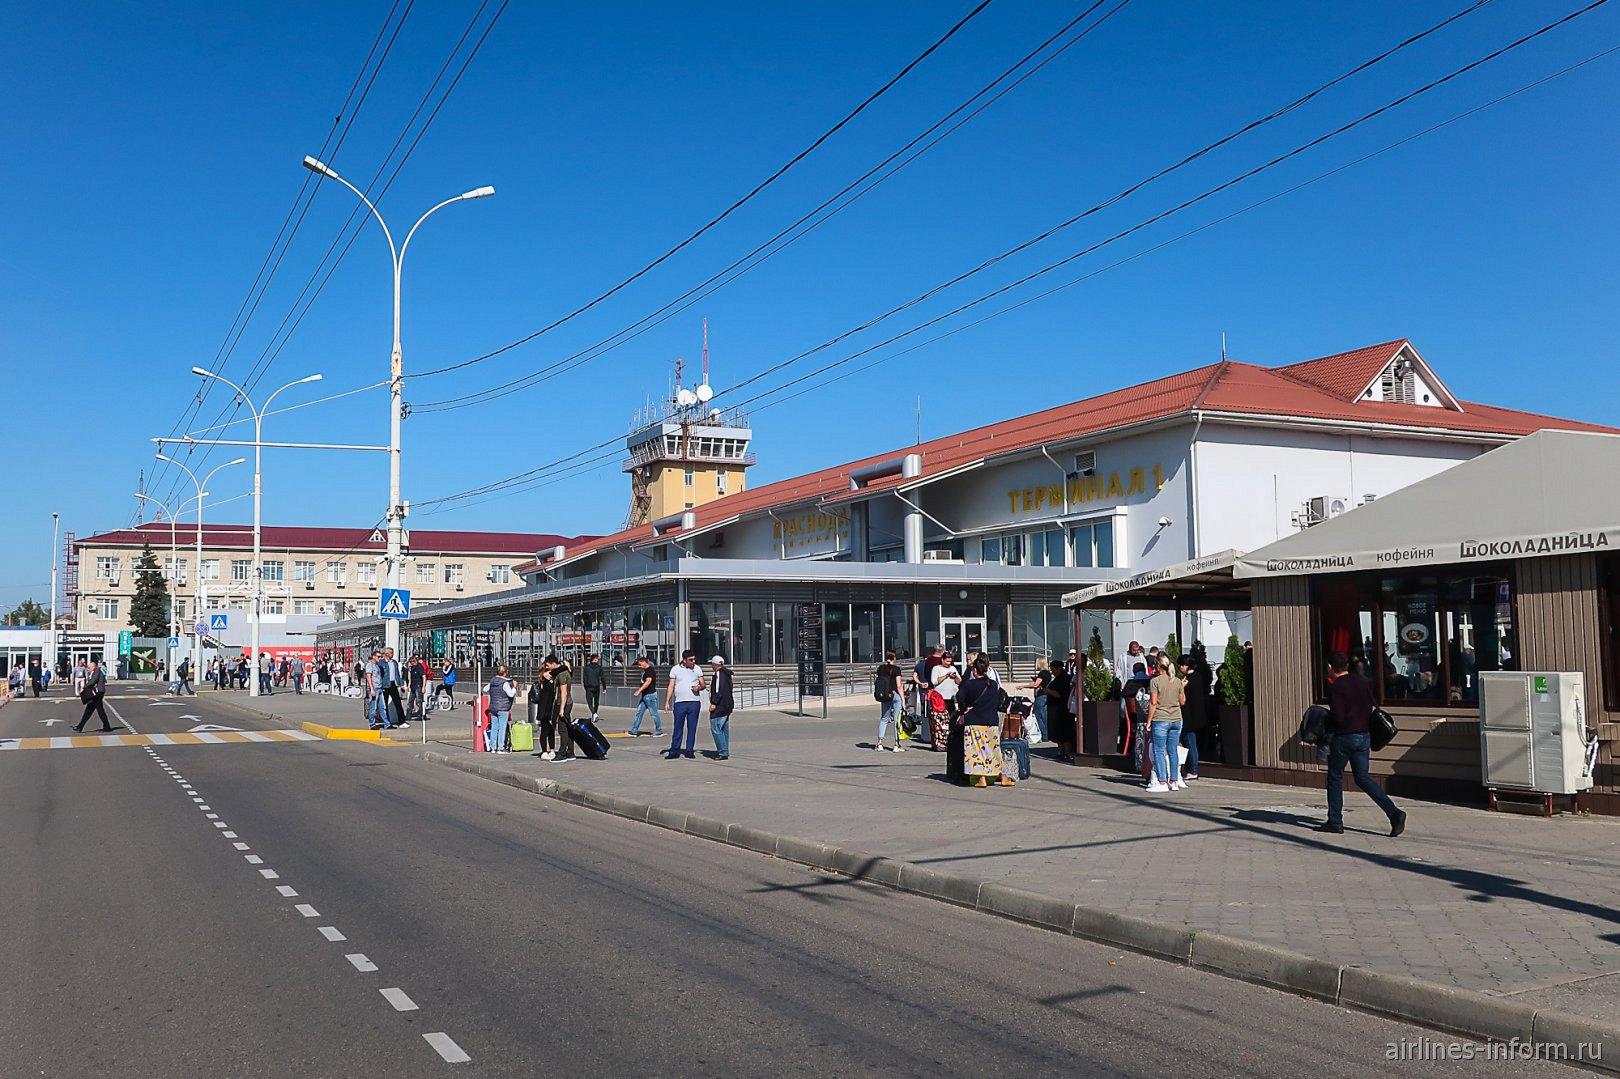 Терминал 1 внутренних авиалиний аэропорта Краснодар Пашковский